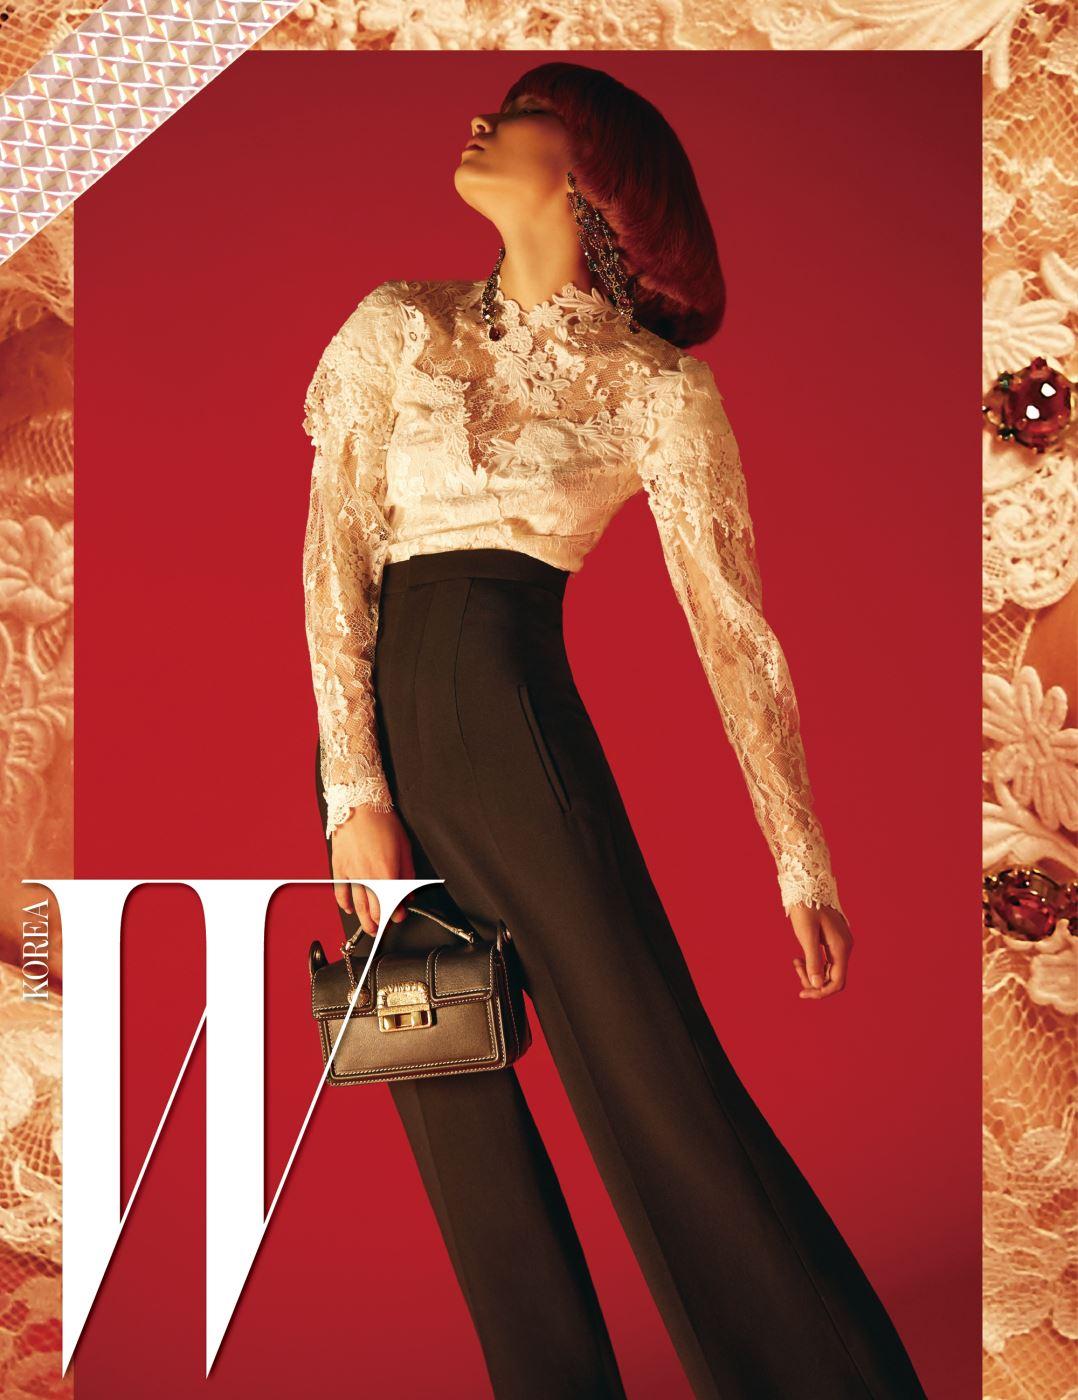 섬세한 크림색 레이스 소재의 블라우스, 드라마틱한 실루엣을 그리는 하이웨이스트 팬츠, 큼직한 크리스털 이어링, 스티치 장식과 앤티크한 락 장식이 돋보이는 지지(Jiji) 백은 모두 Lanvin 제품.